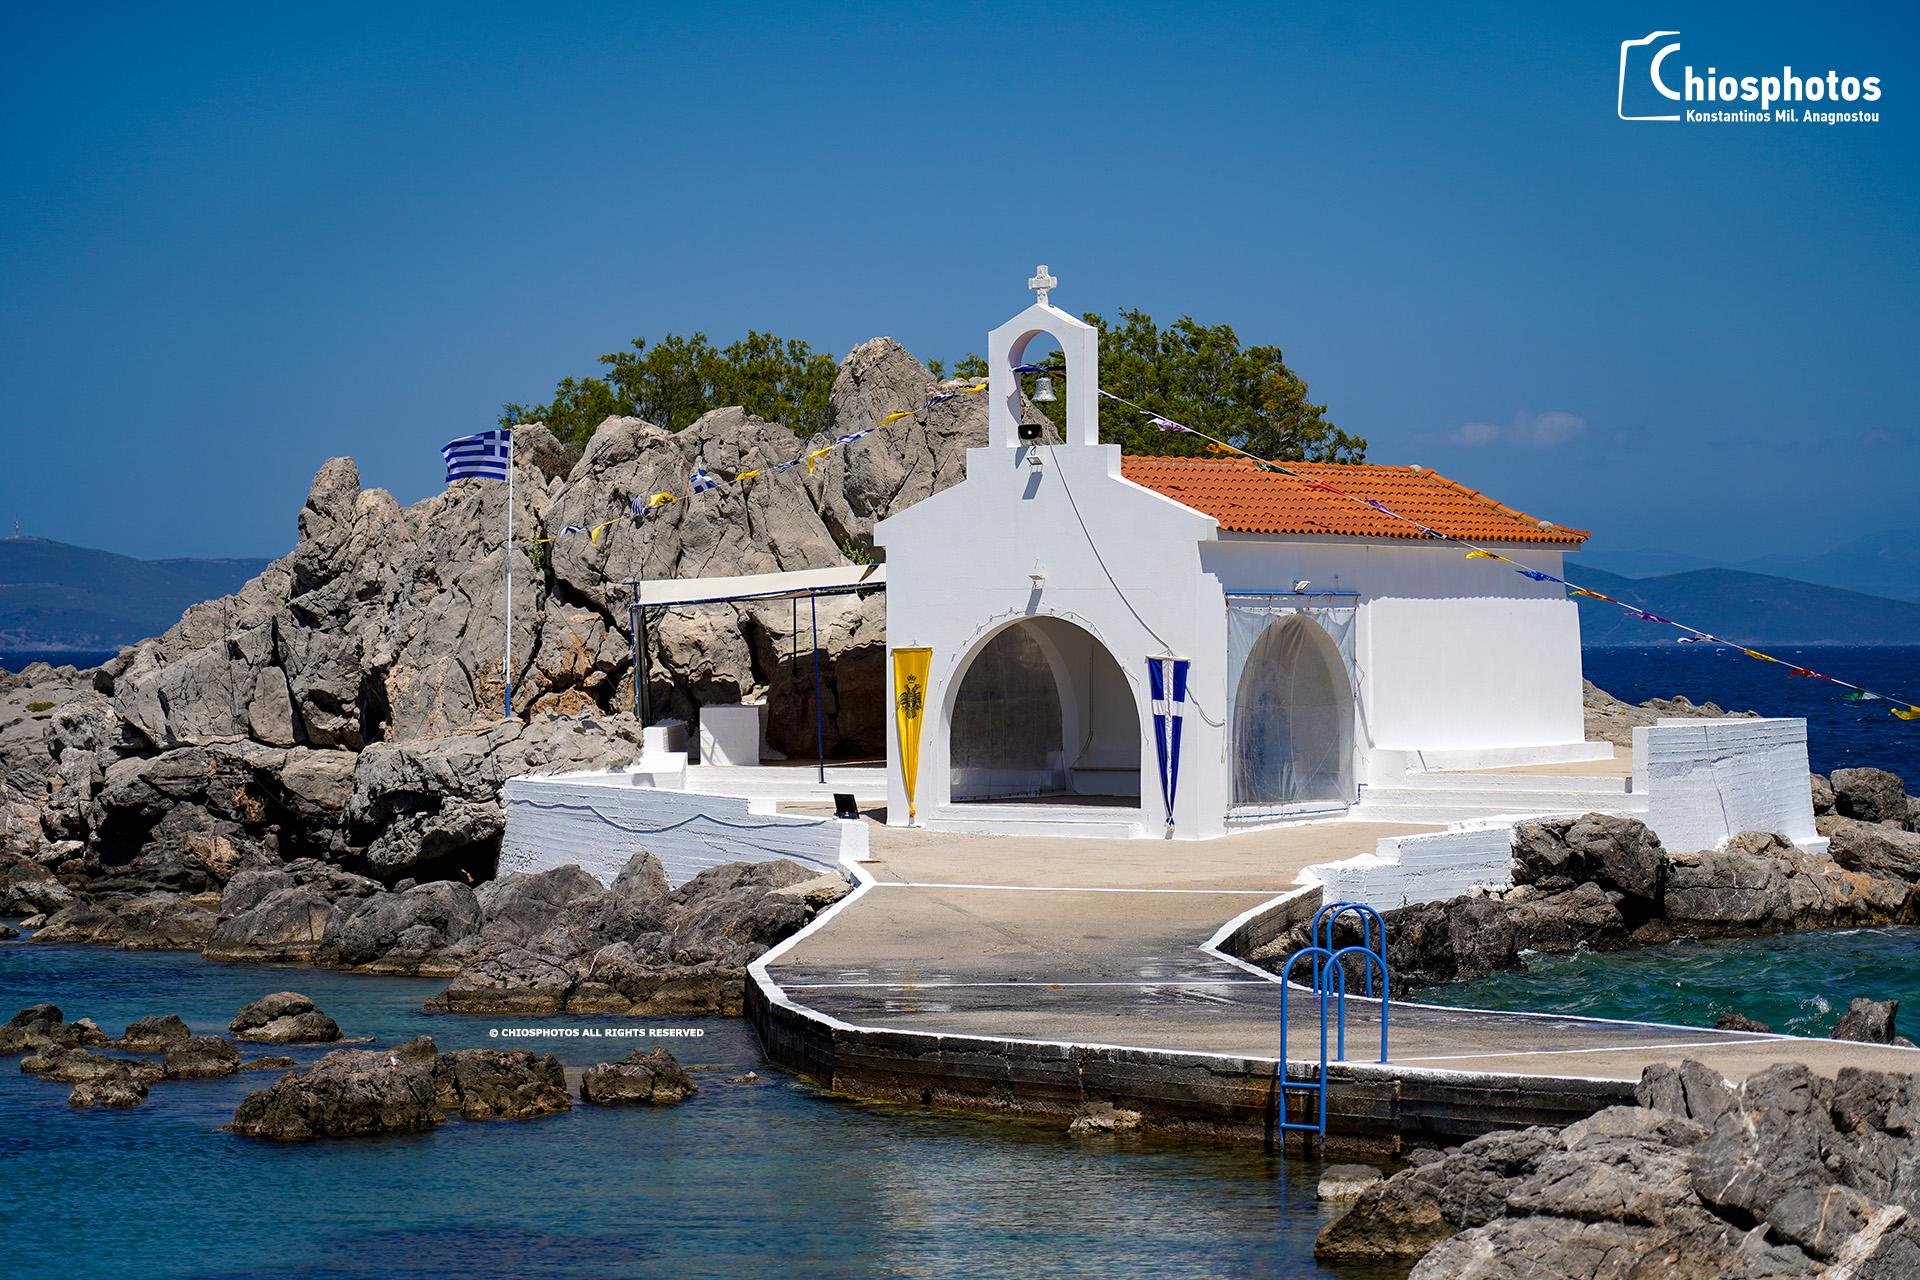 Το εξωκλήσι του Άγιου Ισίδωρου στη Χίο. Ο πατέρας του επέτρεψε τα βασανιστήρια και τον αποκεφαλισμό του από τους Ρωμαίους. Πως συνδέθηκε με τη μαστίχα;